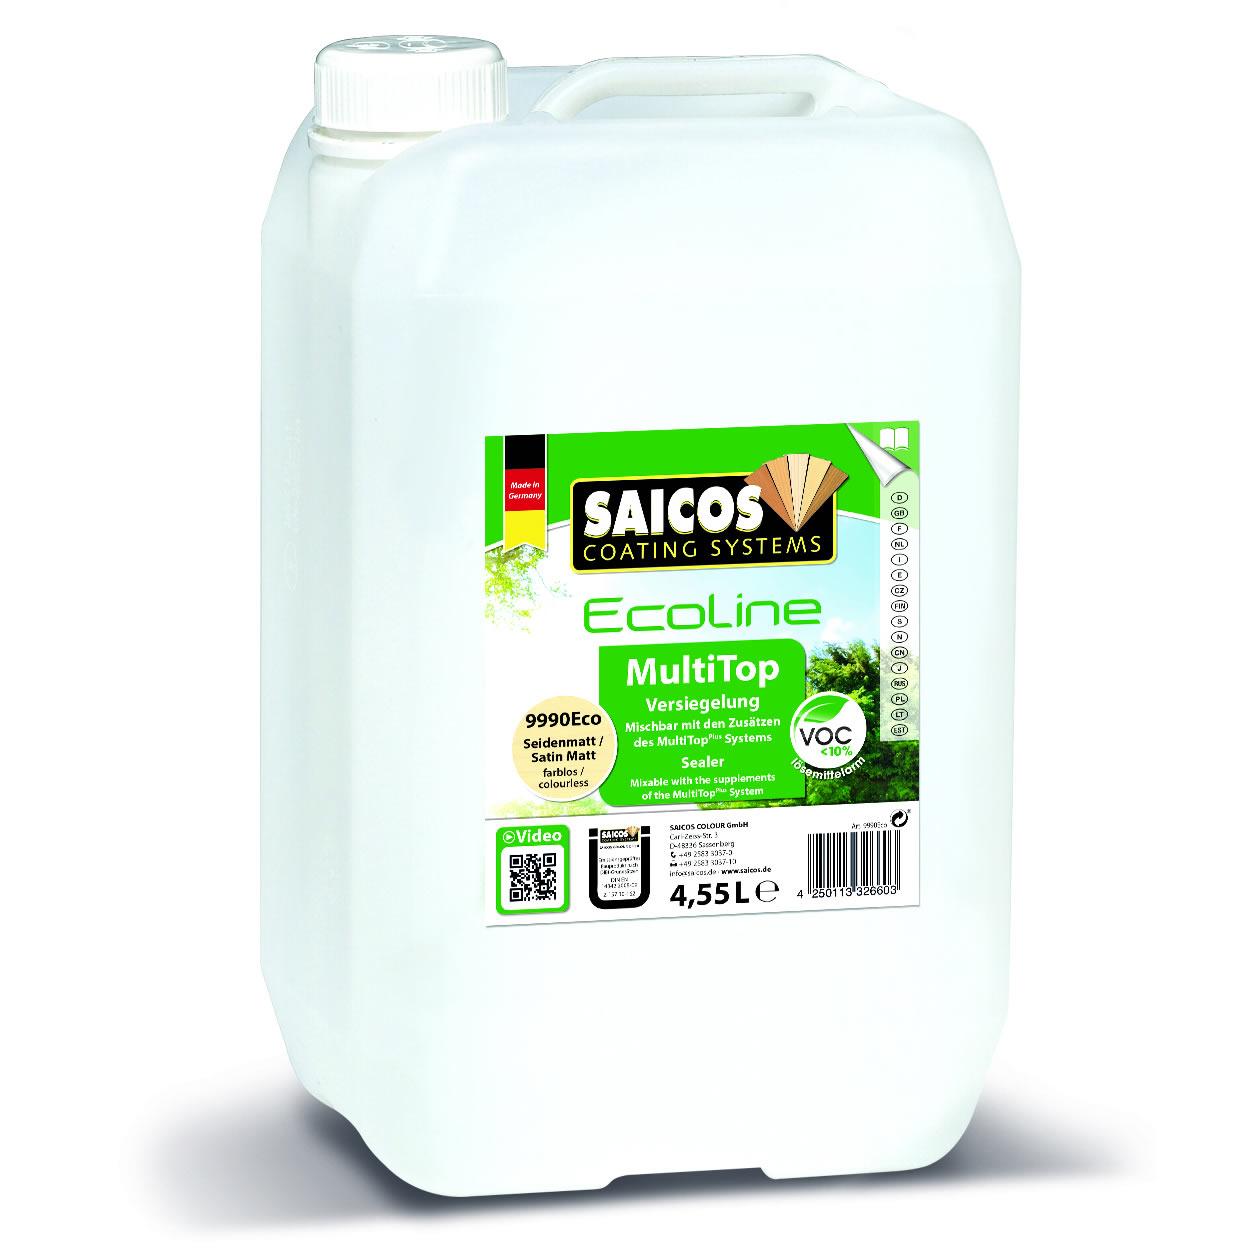 SAICOS Ecoline Multi-Top Lack